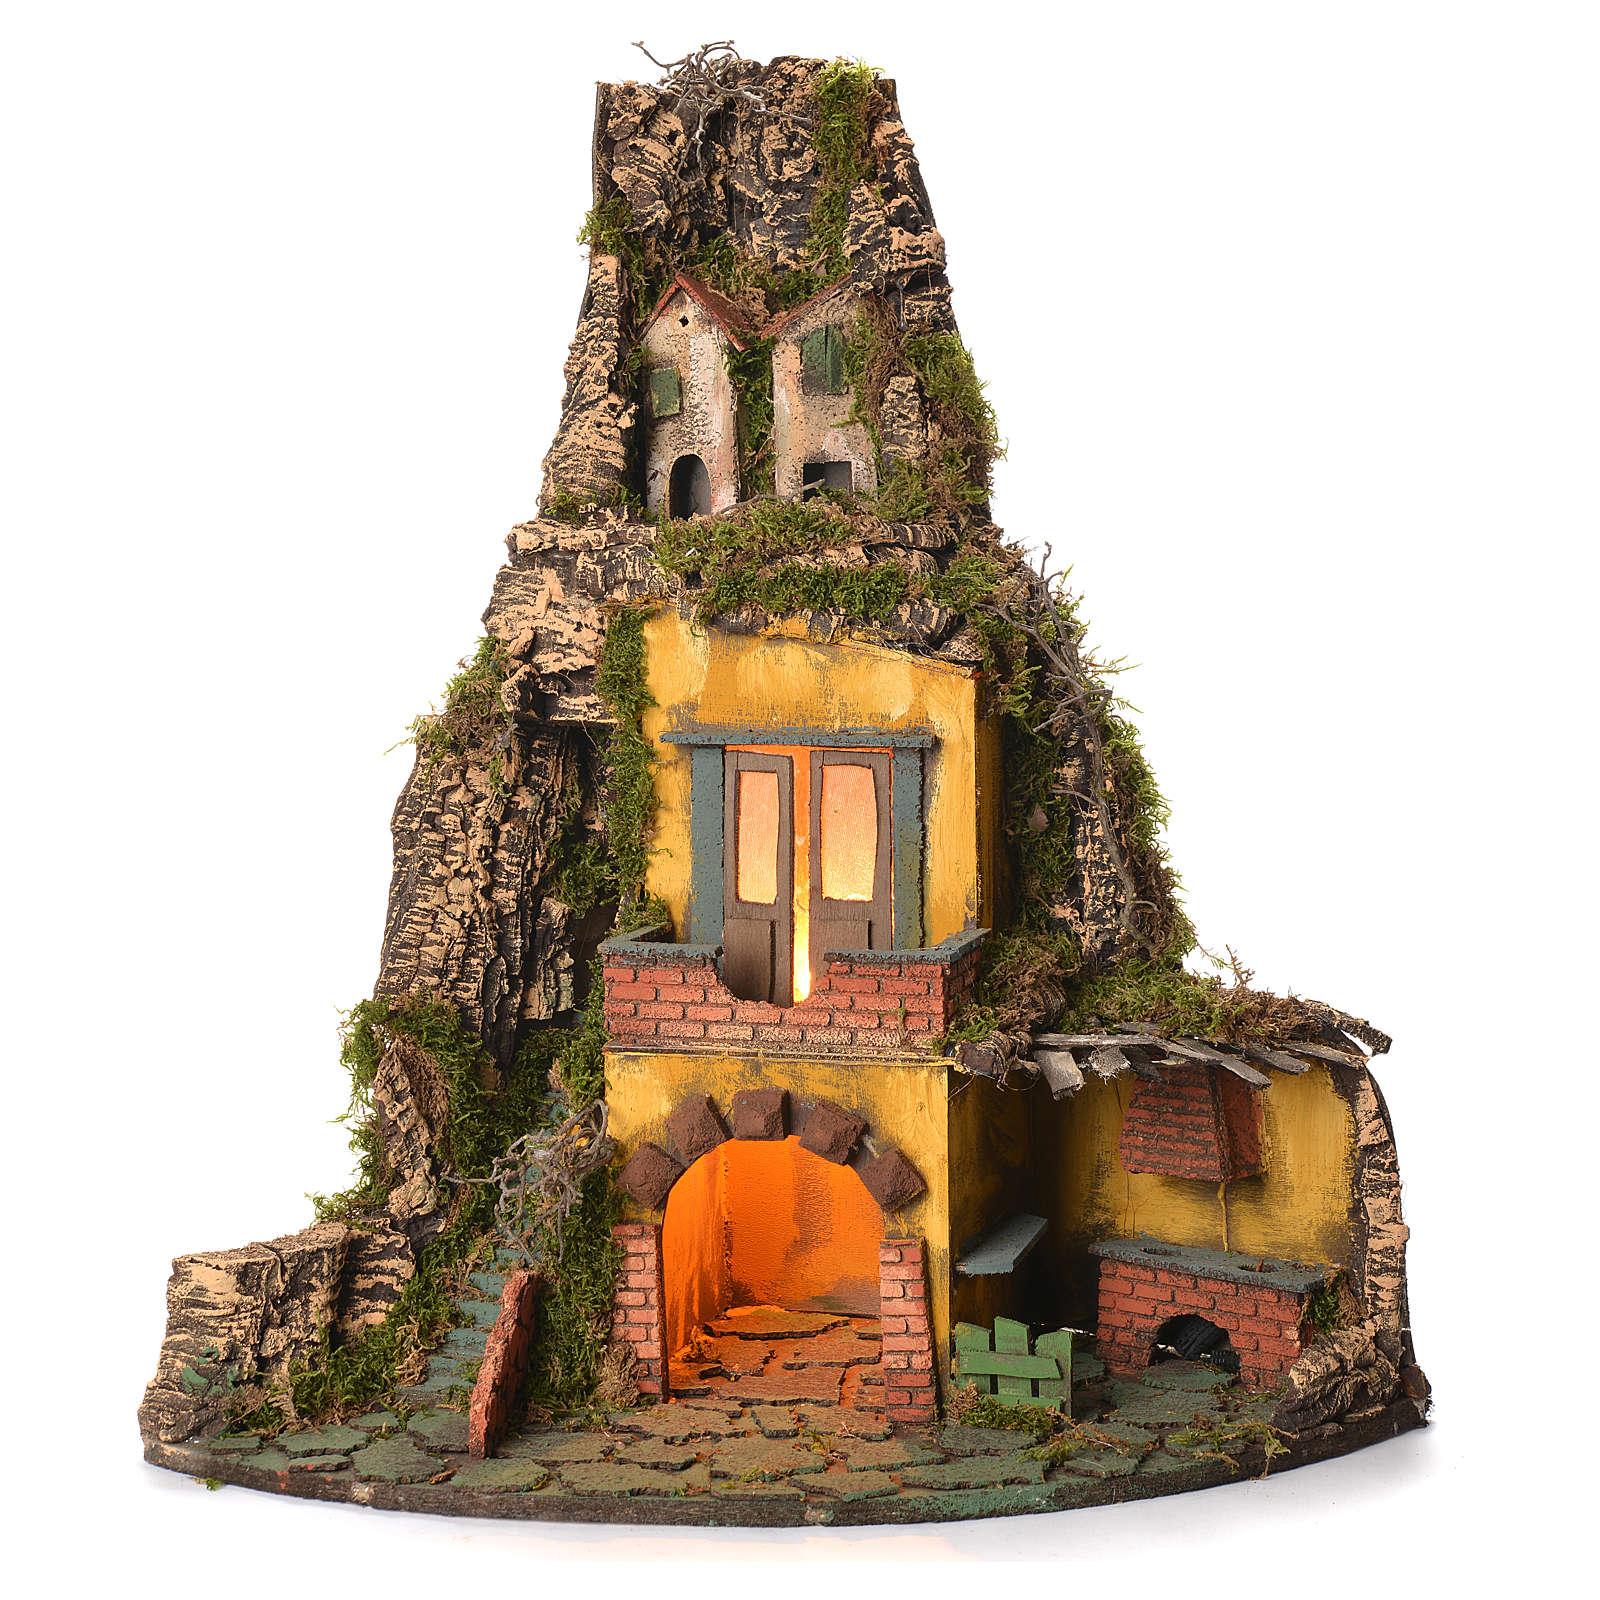 Borgo presepe napoletano stile 700 angolare con forno 50x40x50 4